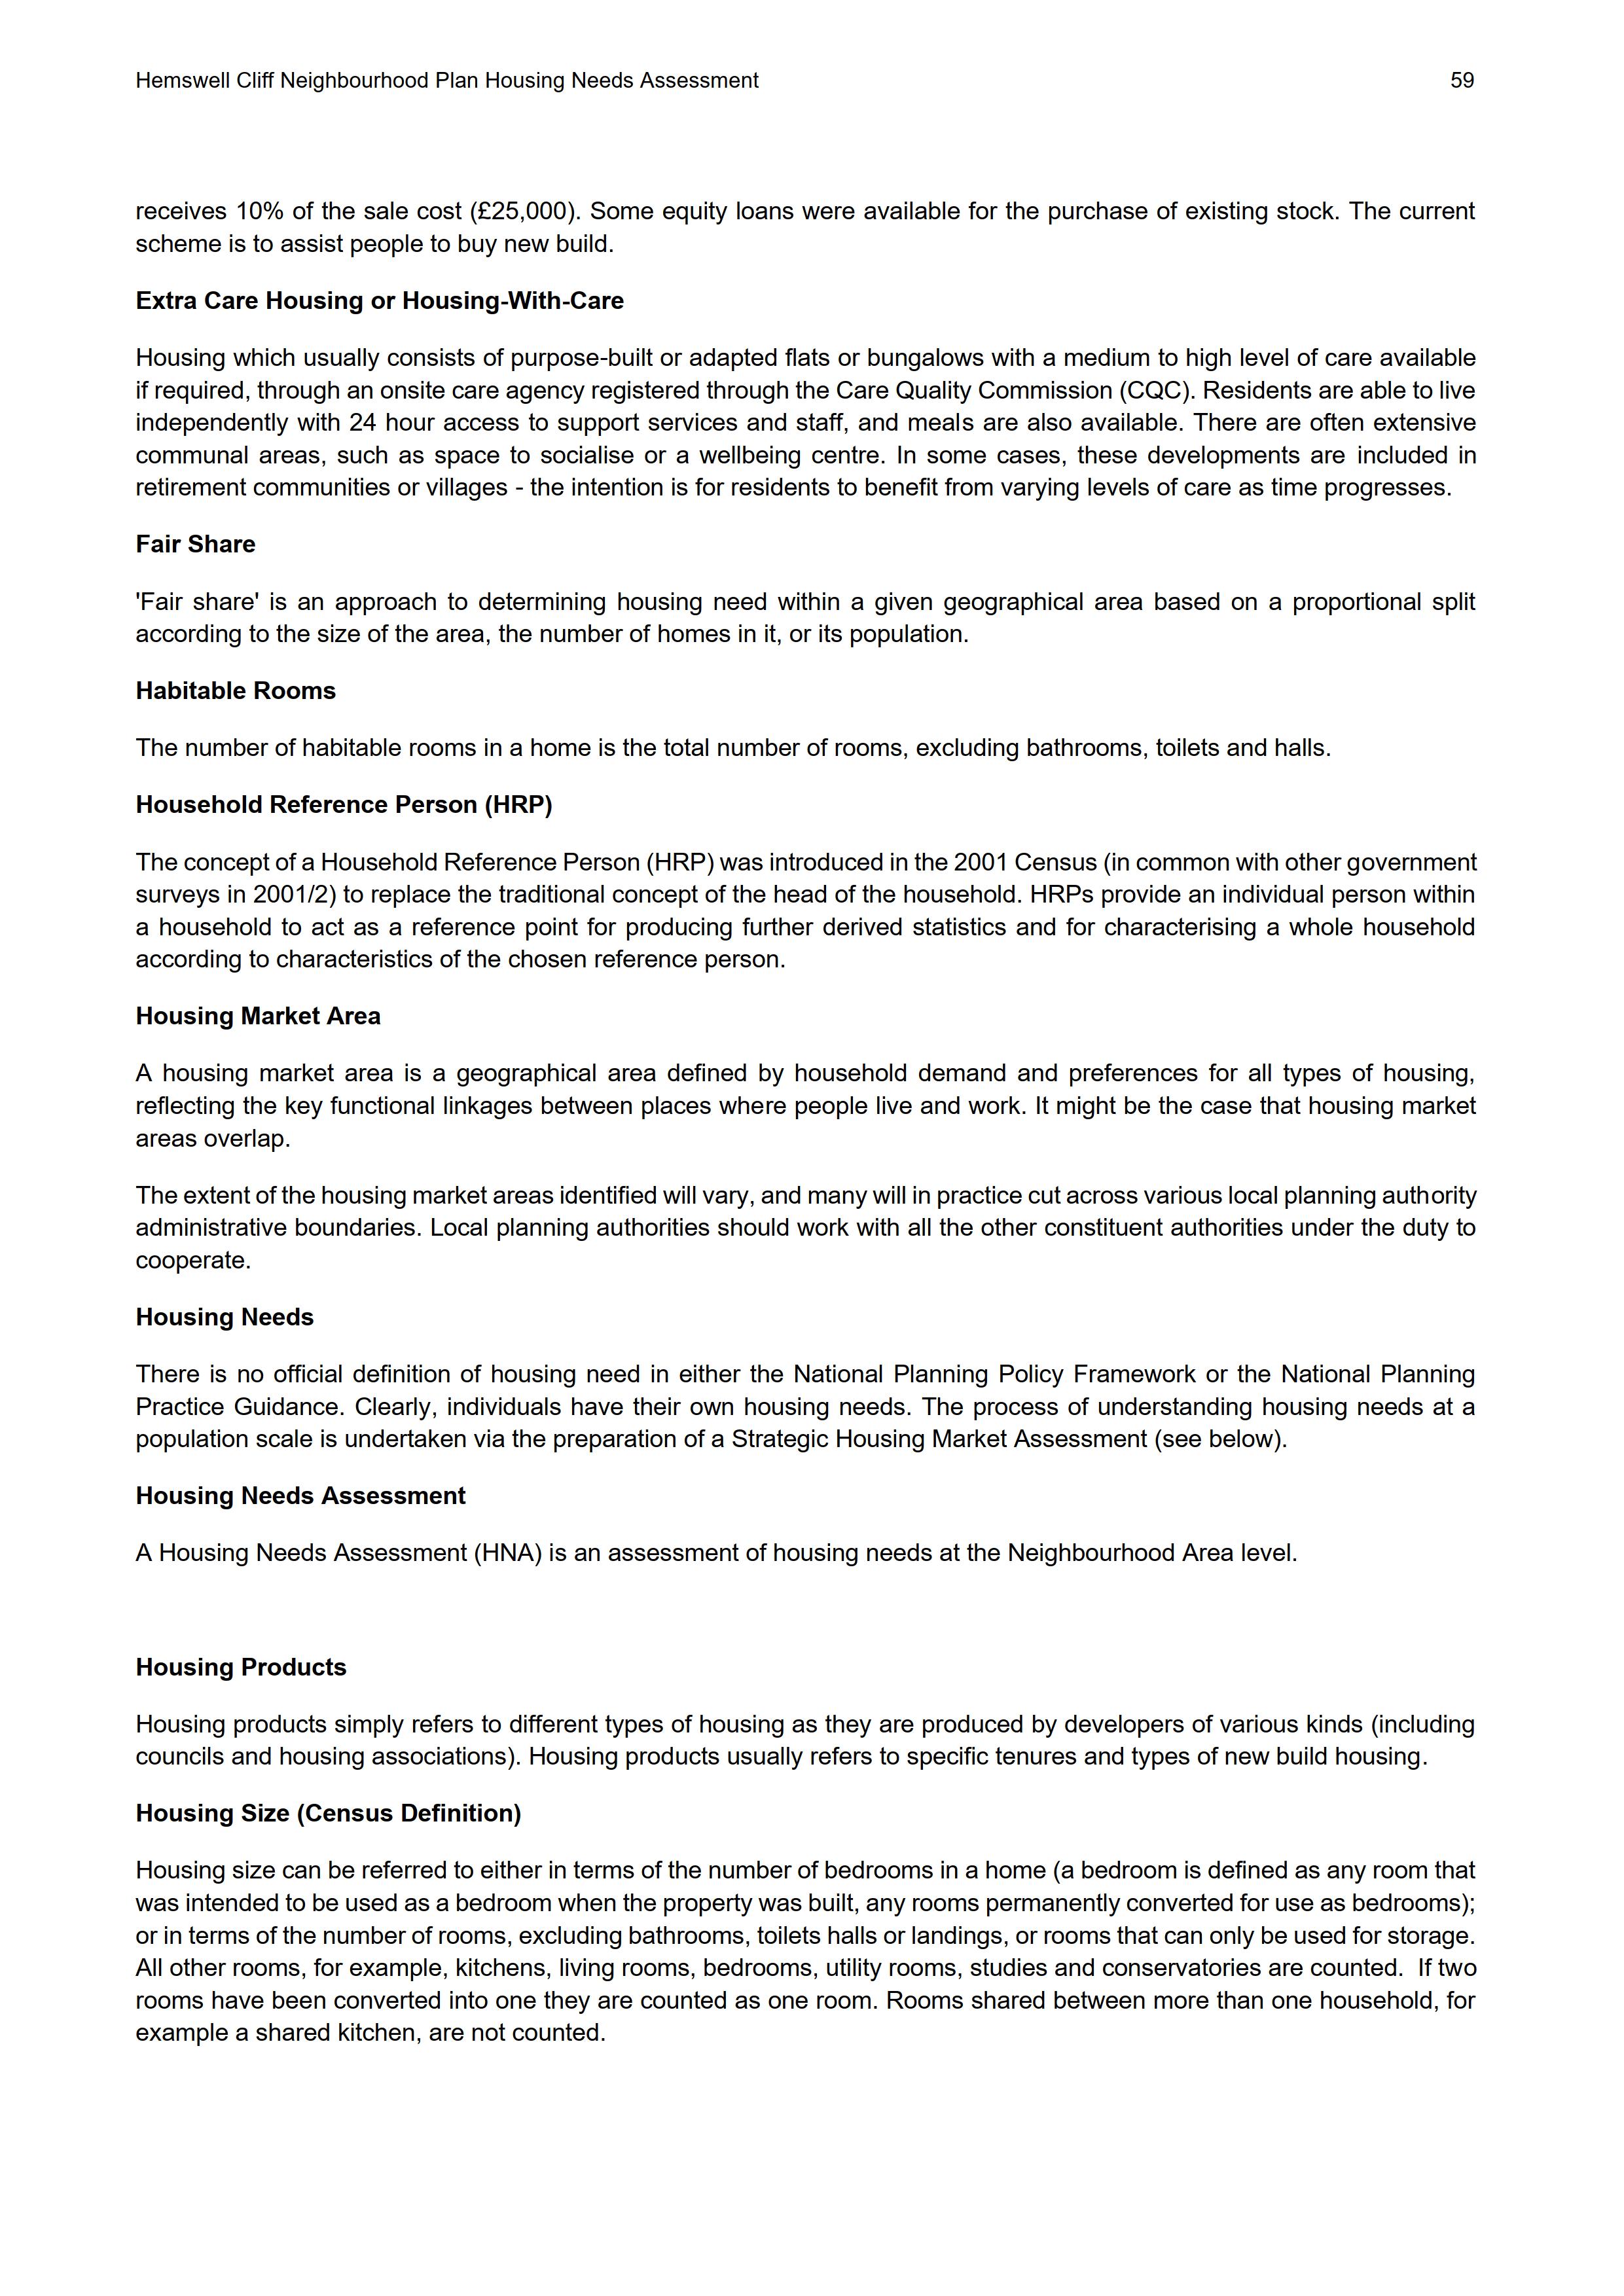 Hemswell_Cliff_Housing_Needs_Assessment_Final_59.png